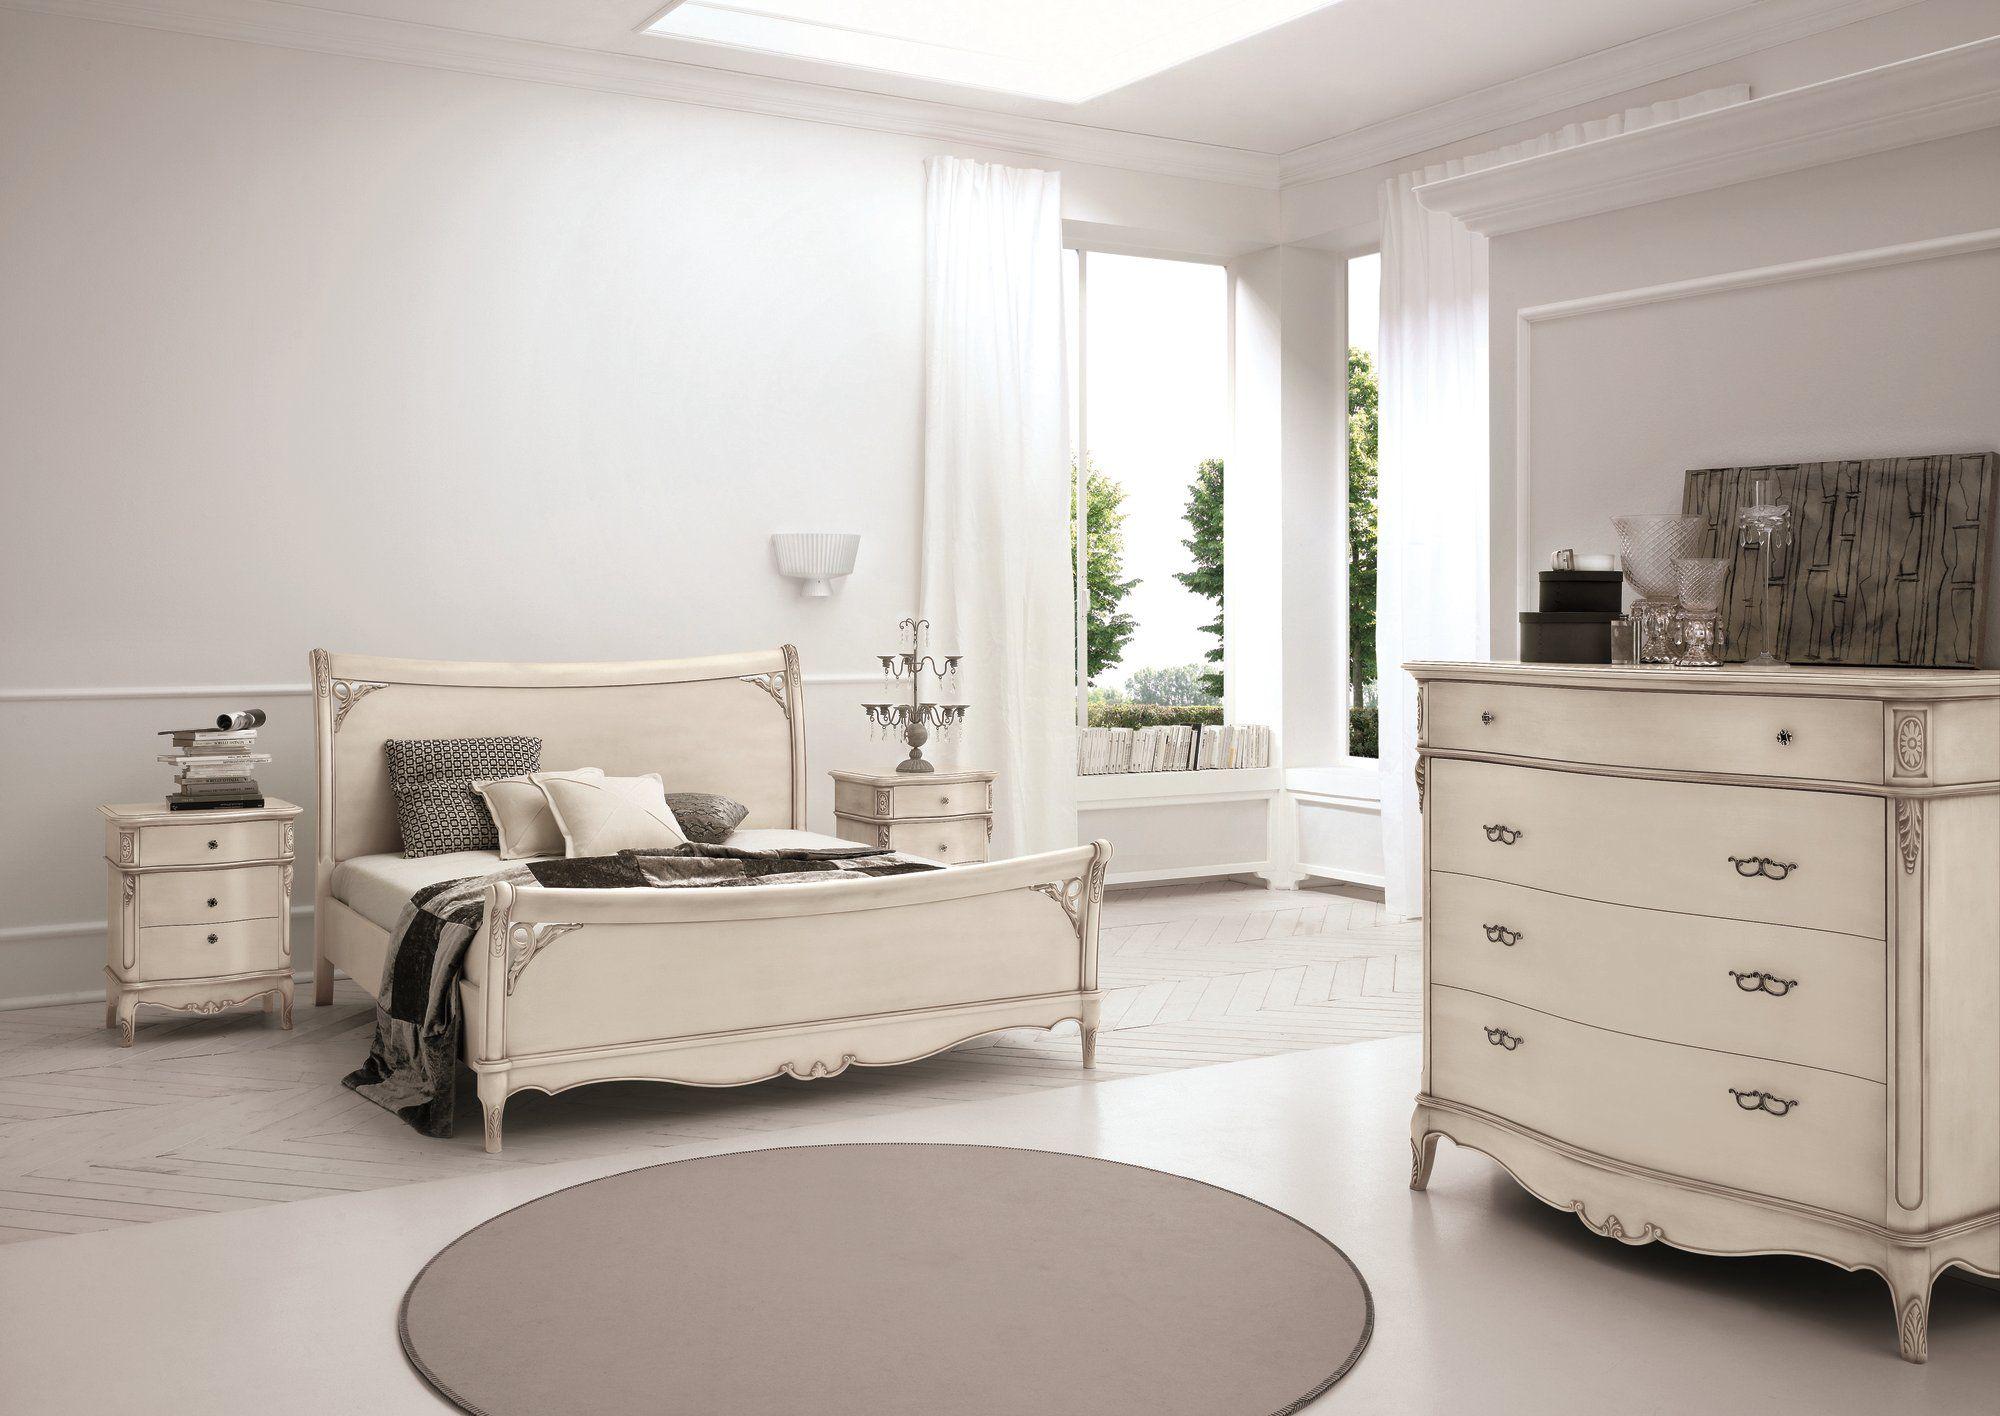 Nachttisch aus holz im landhausstil mit schubladen duca for Nachttisch landhausstil